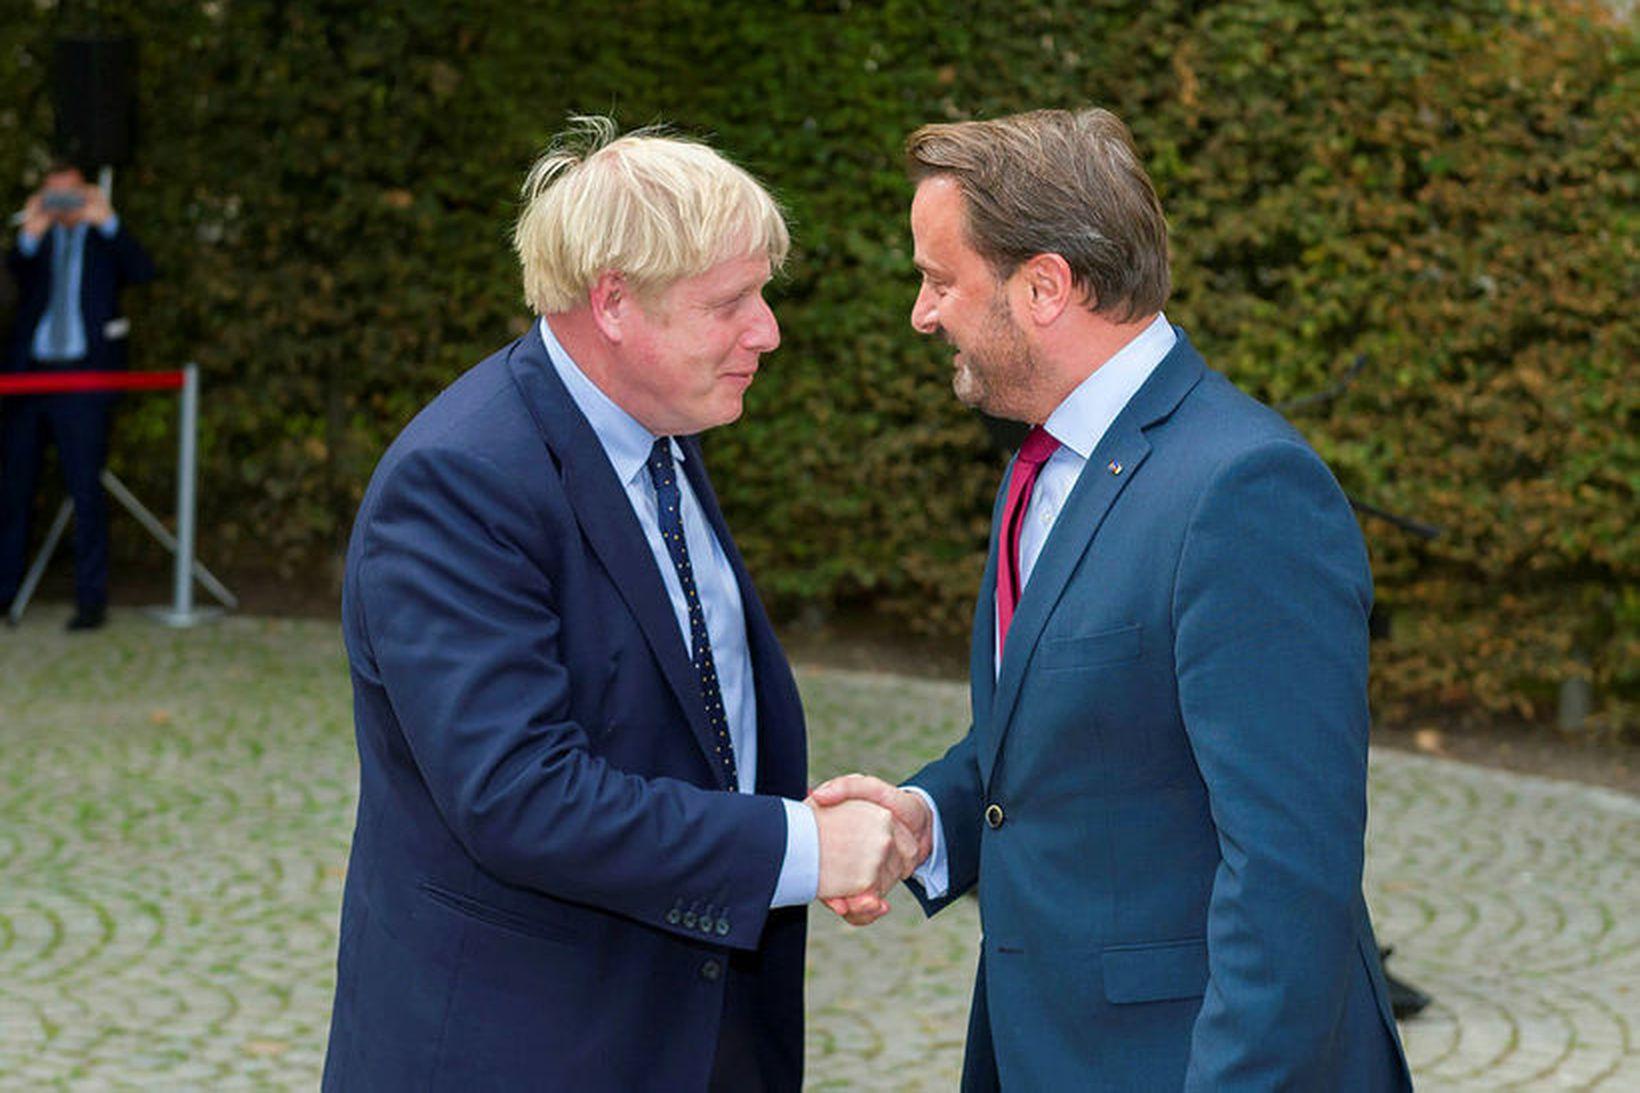 Boris Johnson, forsætisráðherra Bretlands og Xavier Bettel, forsætisráðherra Lúxemborgar. Vel …